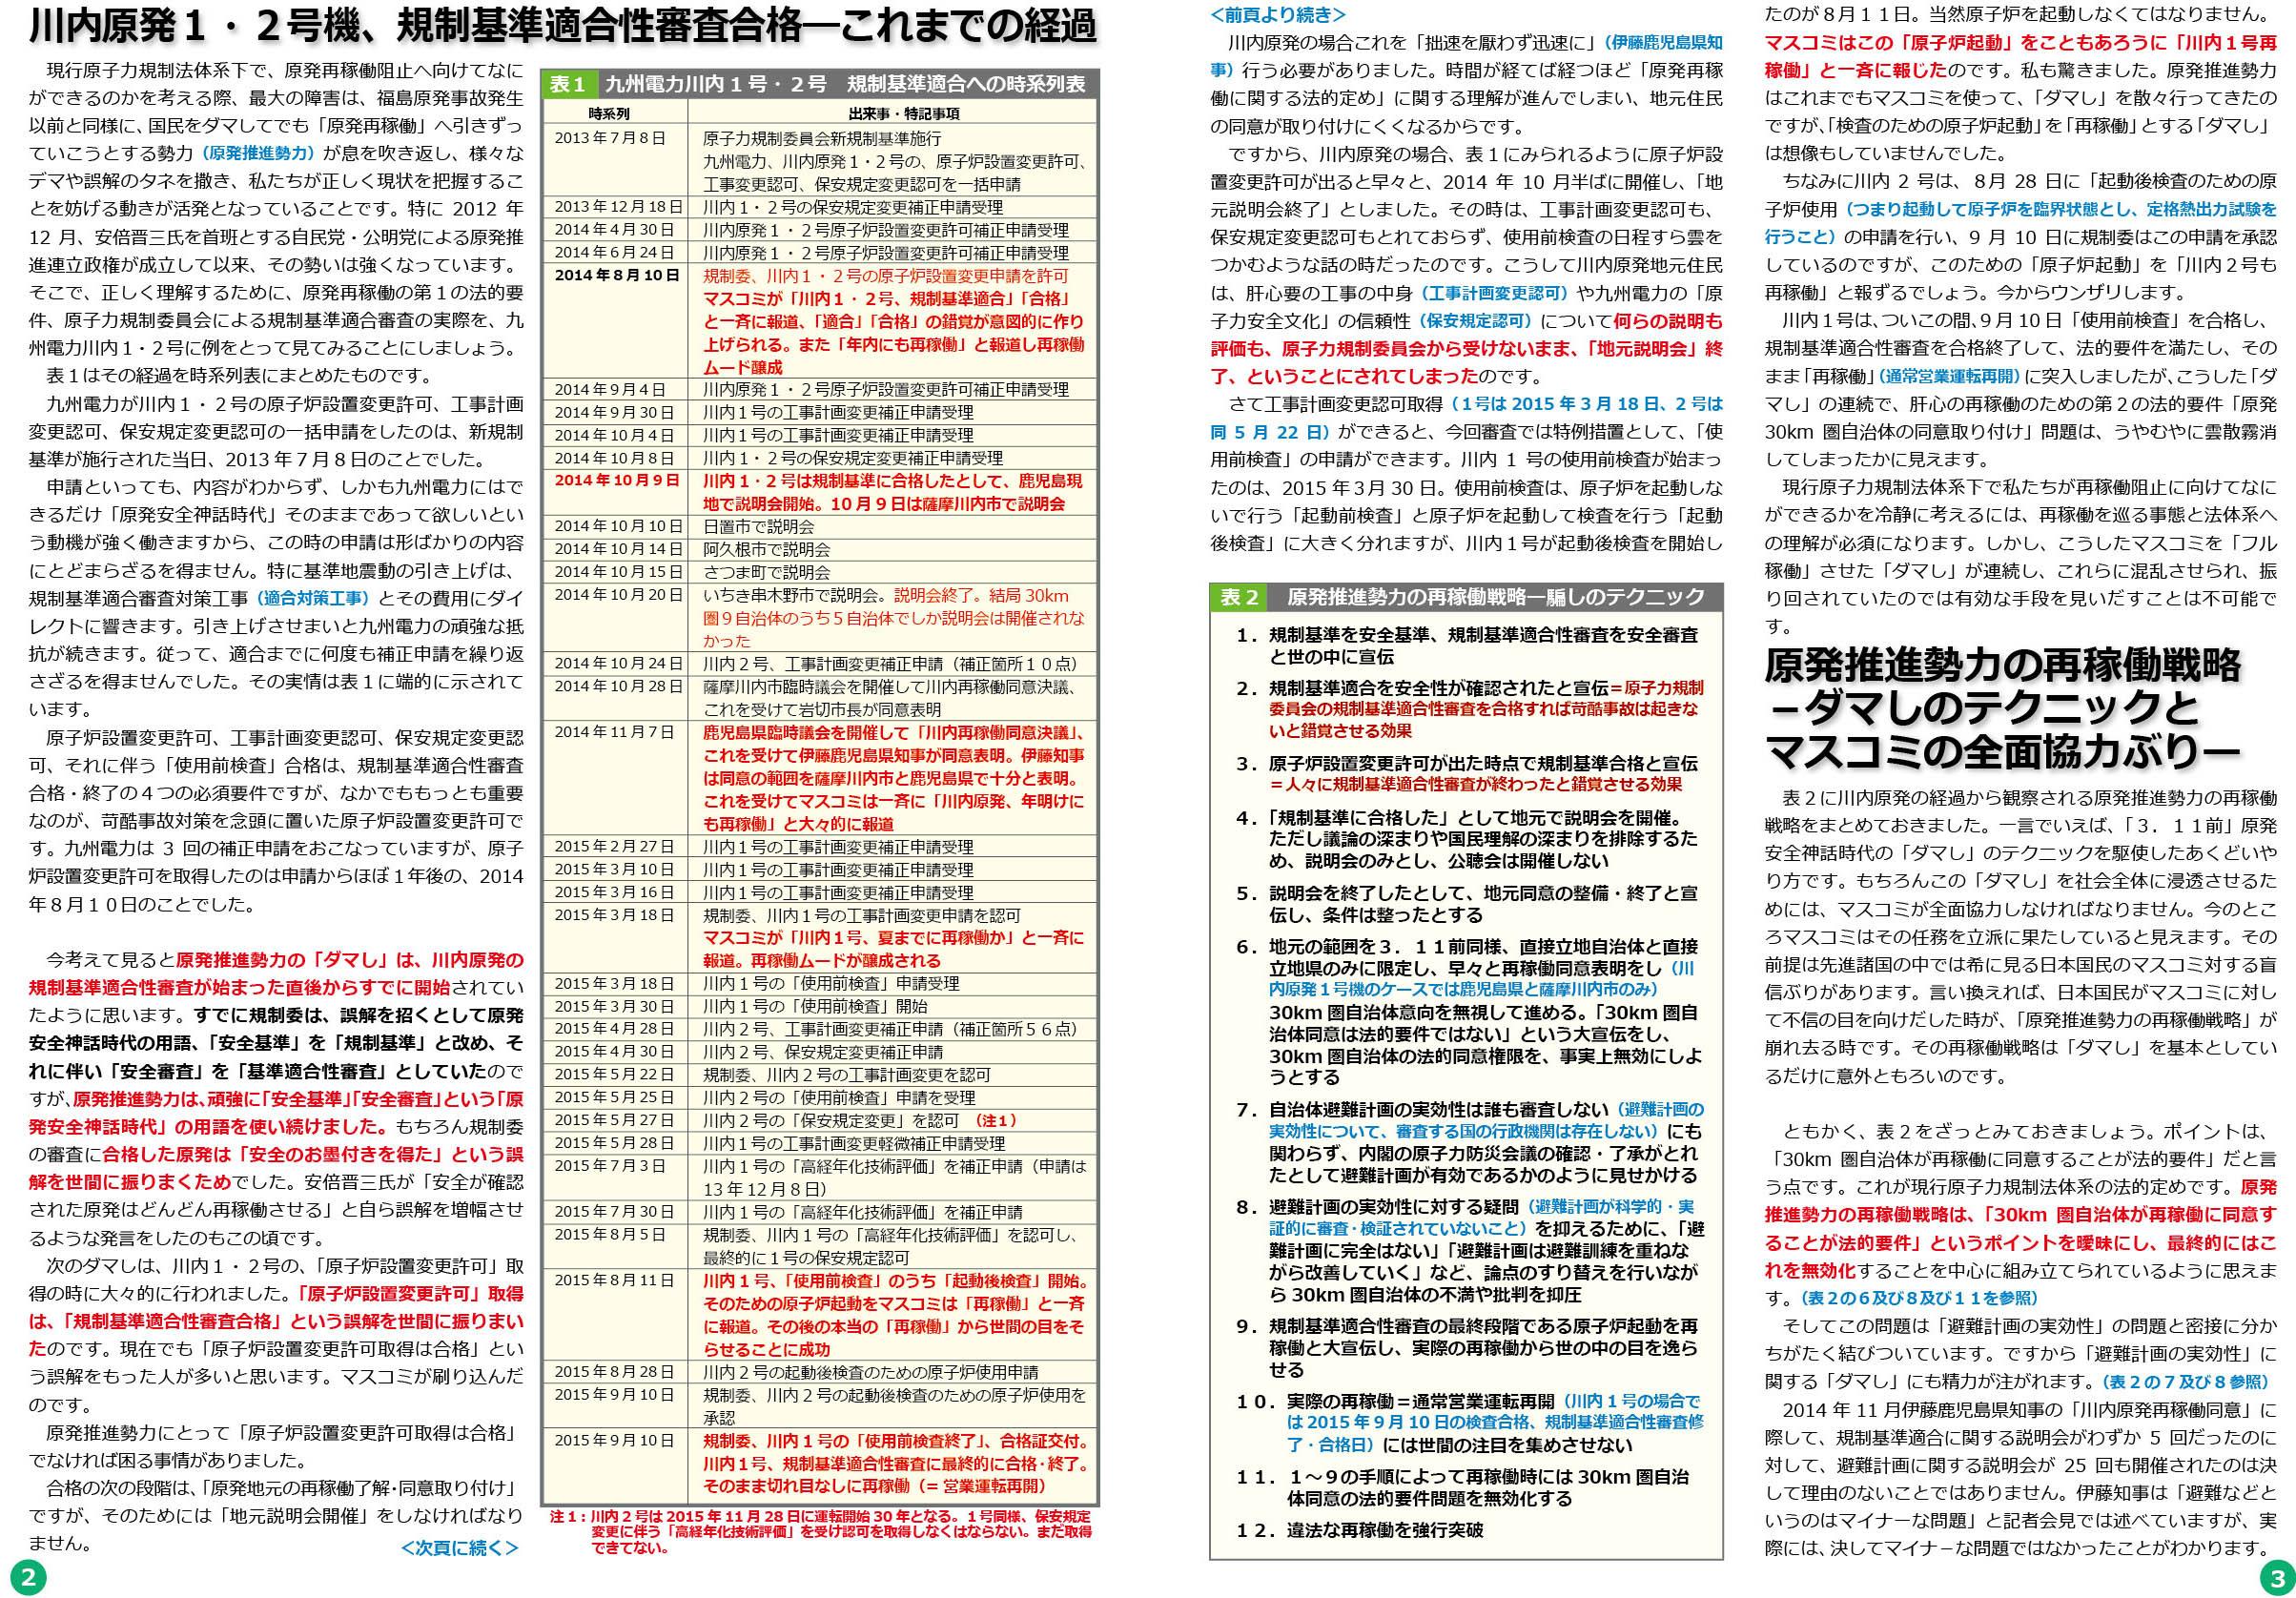 ファイル 448-2.jpg